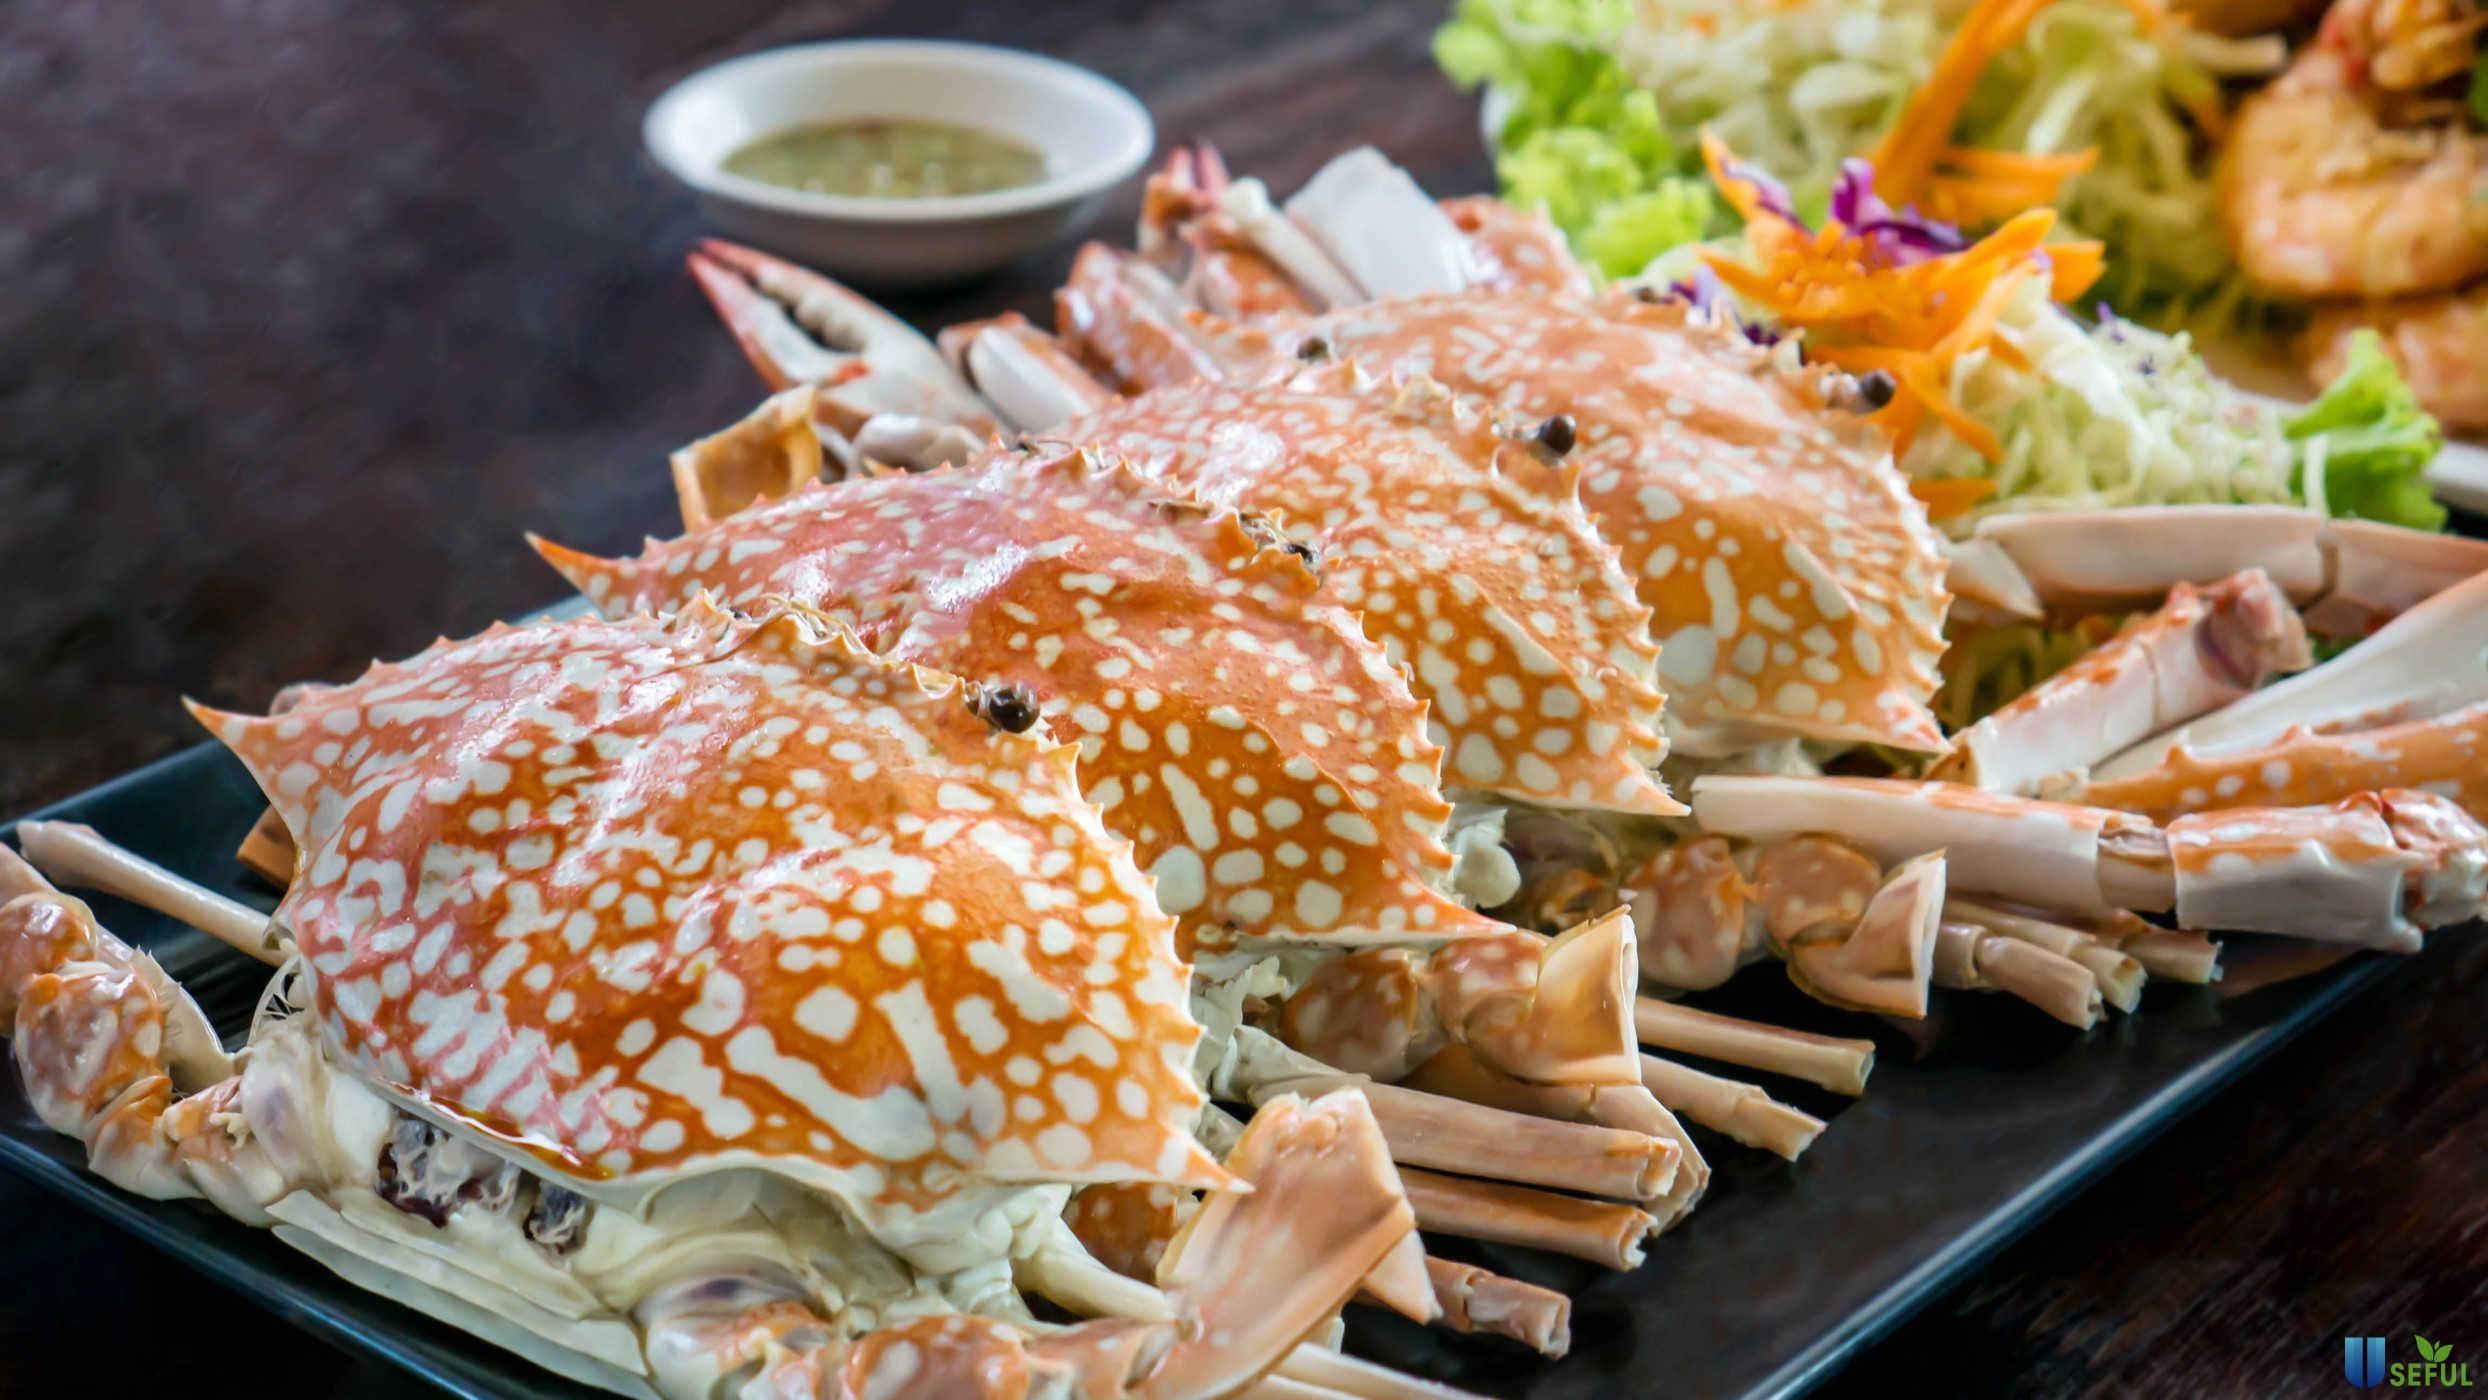 No nê thưởng thức buffet hải sản với những nguyên liệu tươi ngon